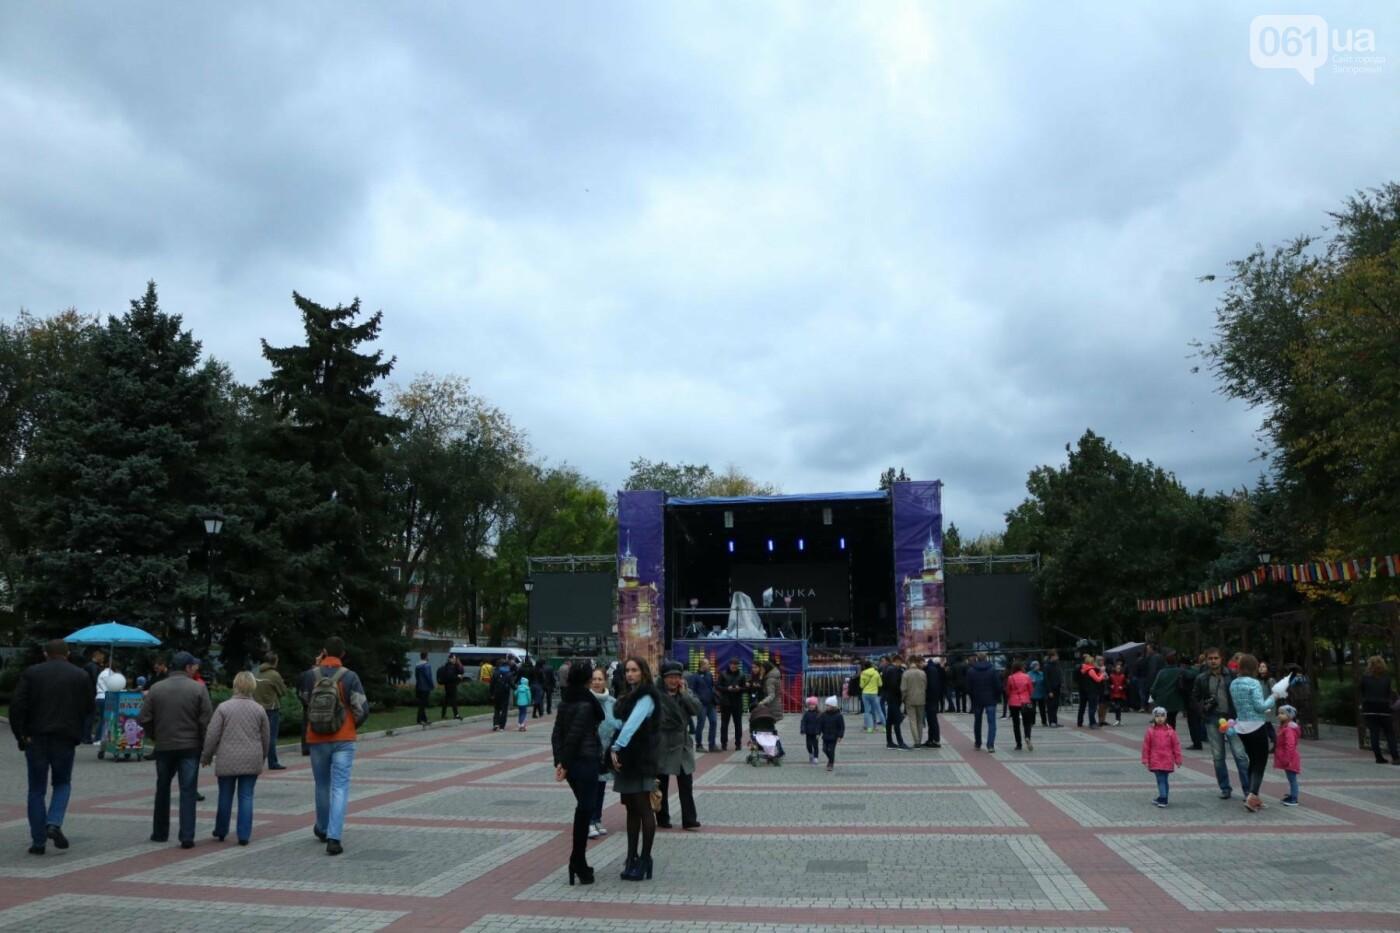 В парке Трудовой славы Onuka провела саундчек перед вечерним концертом, - ФОТО , фото-12